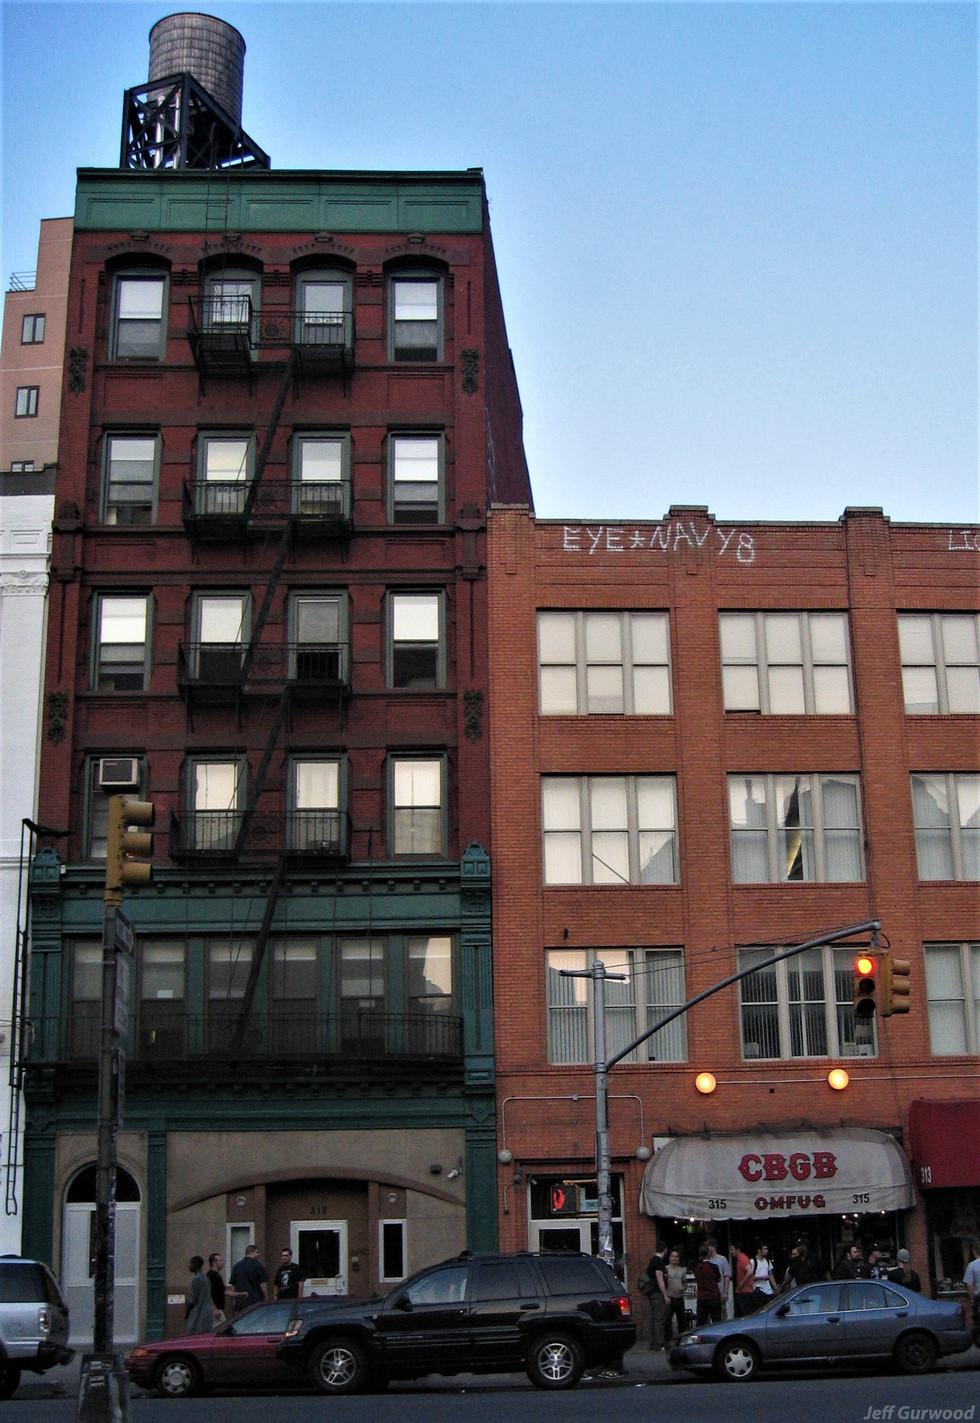 CBGB 2006